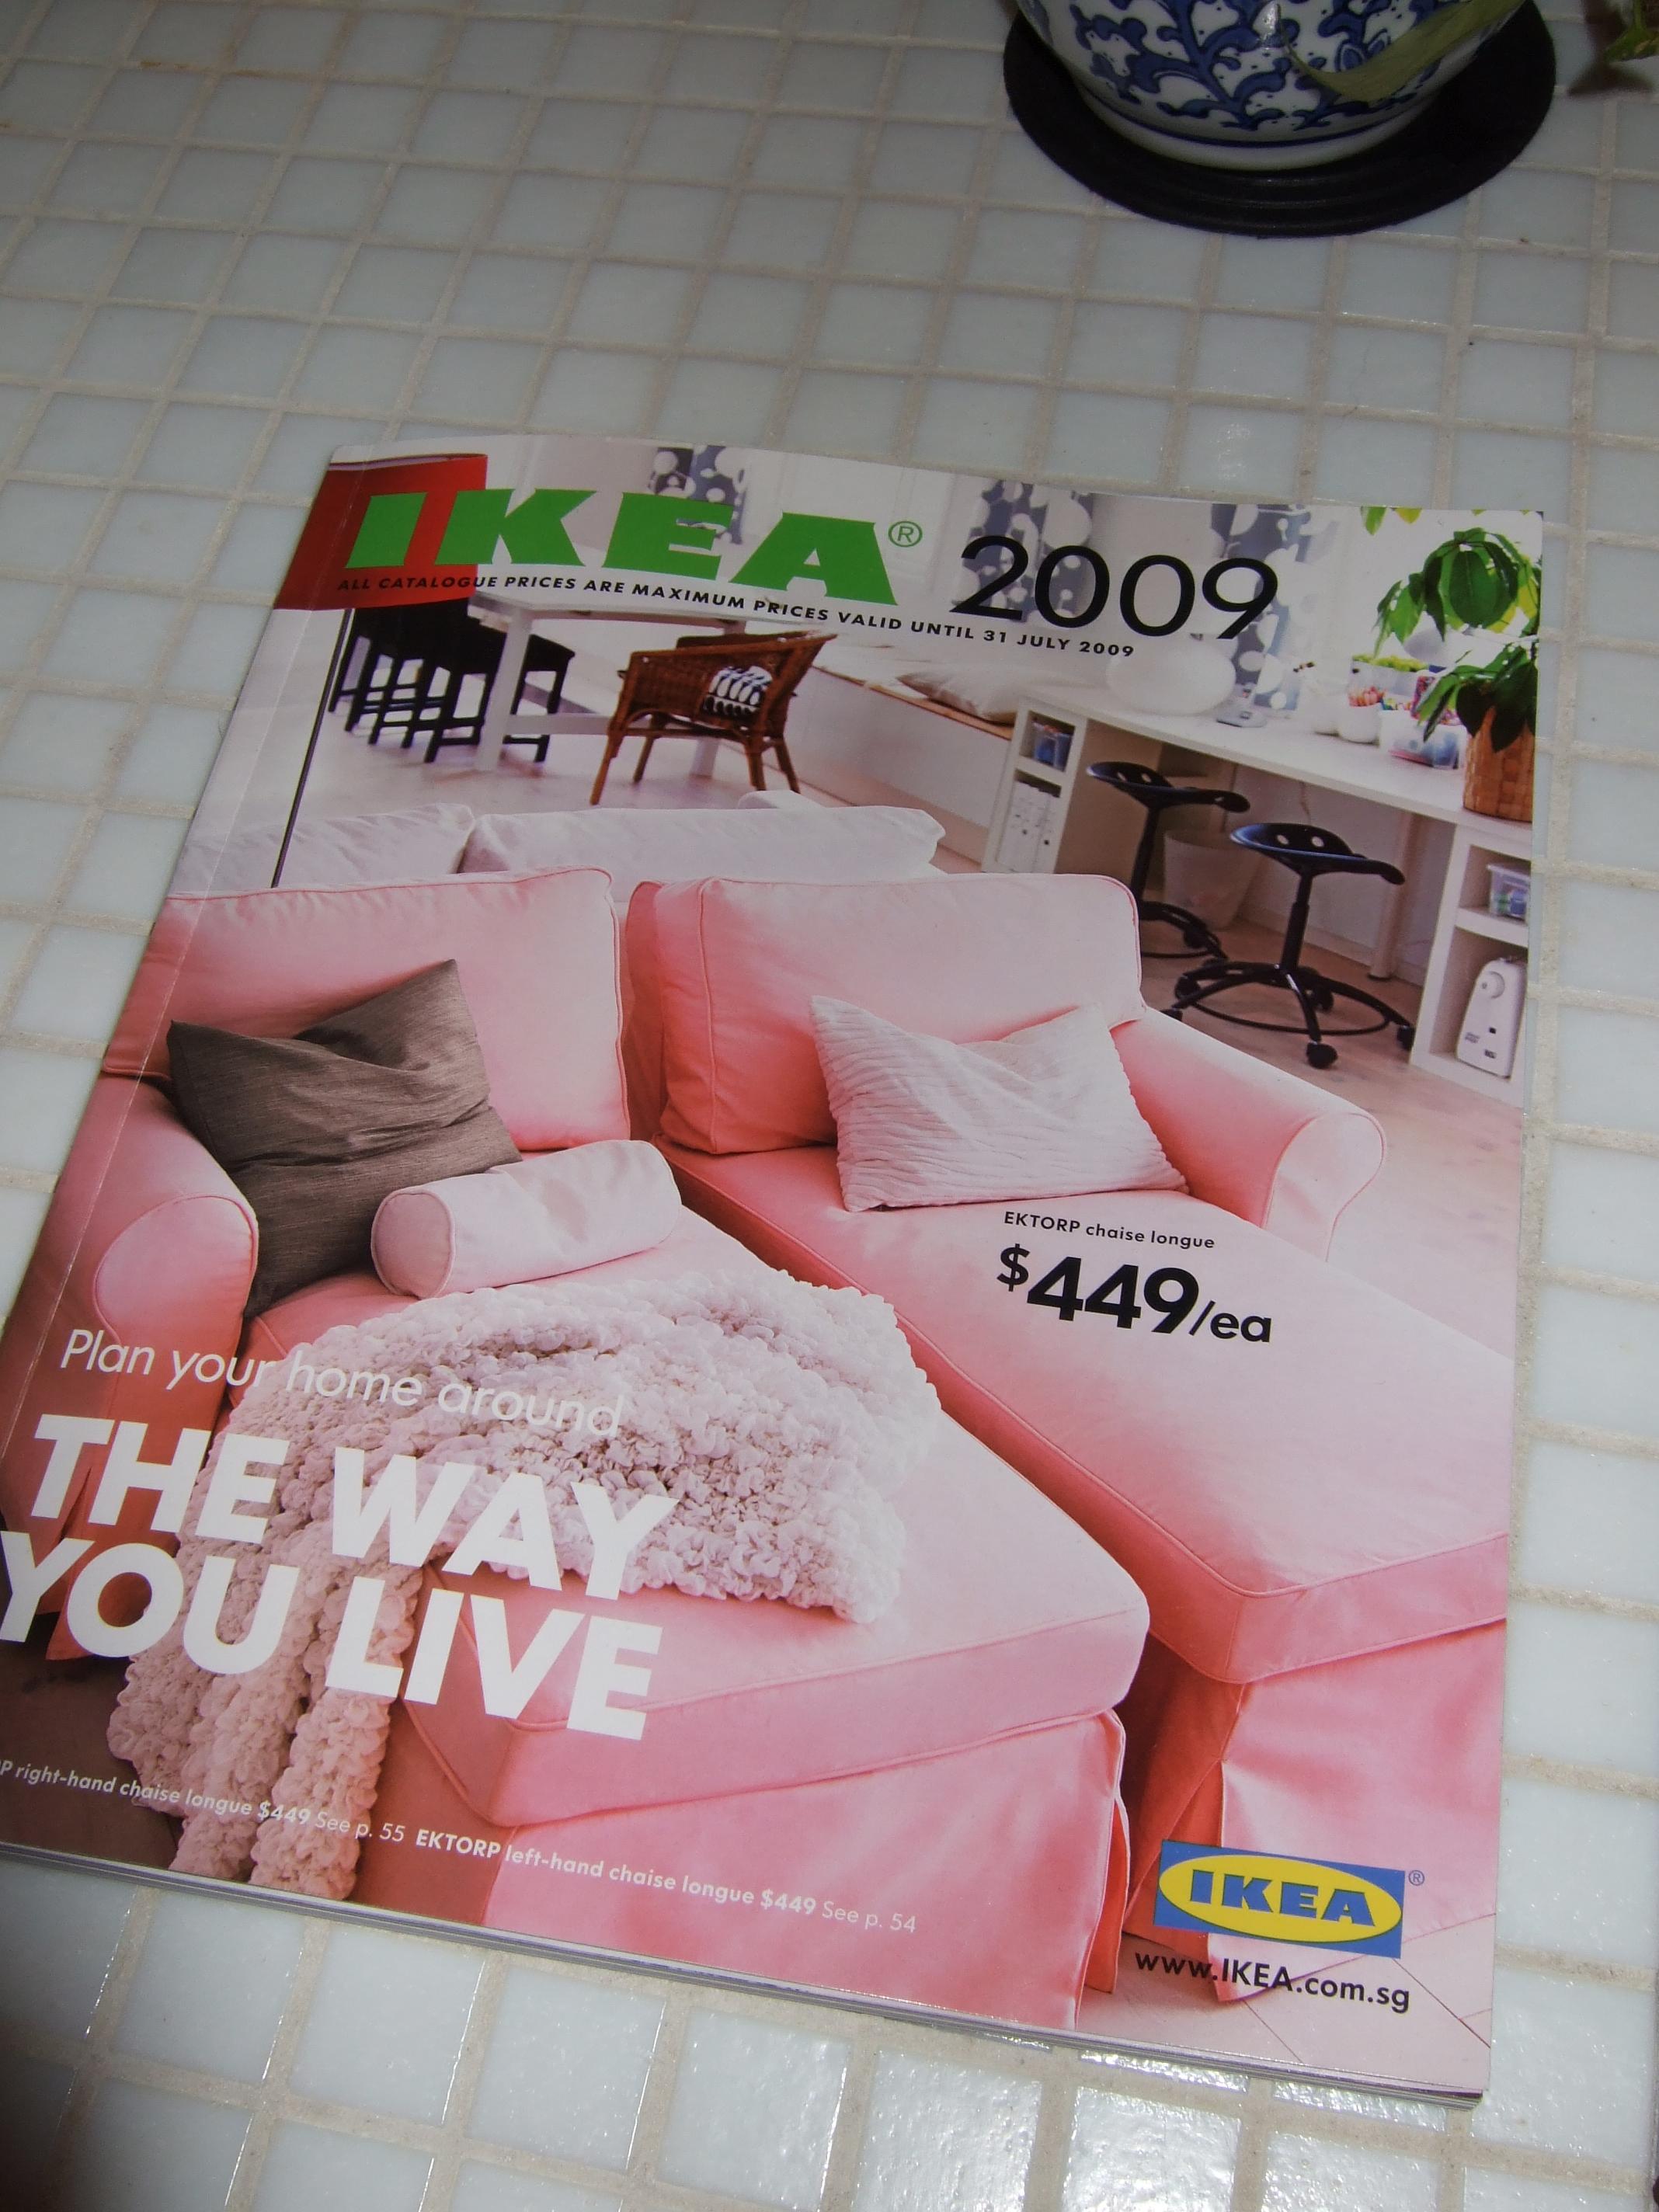 Ikea 2009 ikea 2009 catalog - home design